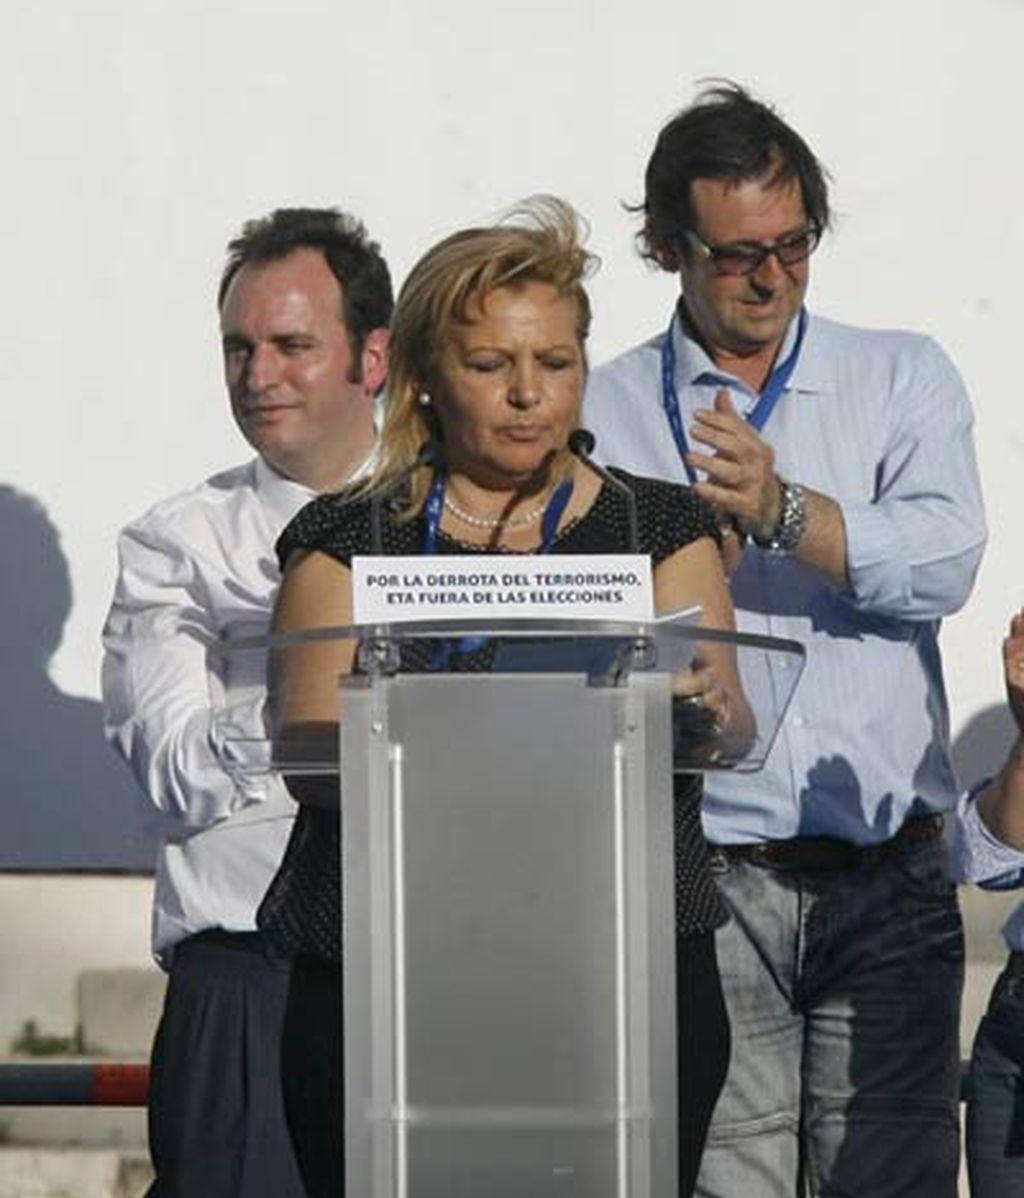 Las víctimas del terrorismo se alzan contra la presencia de ETA en las elecciones